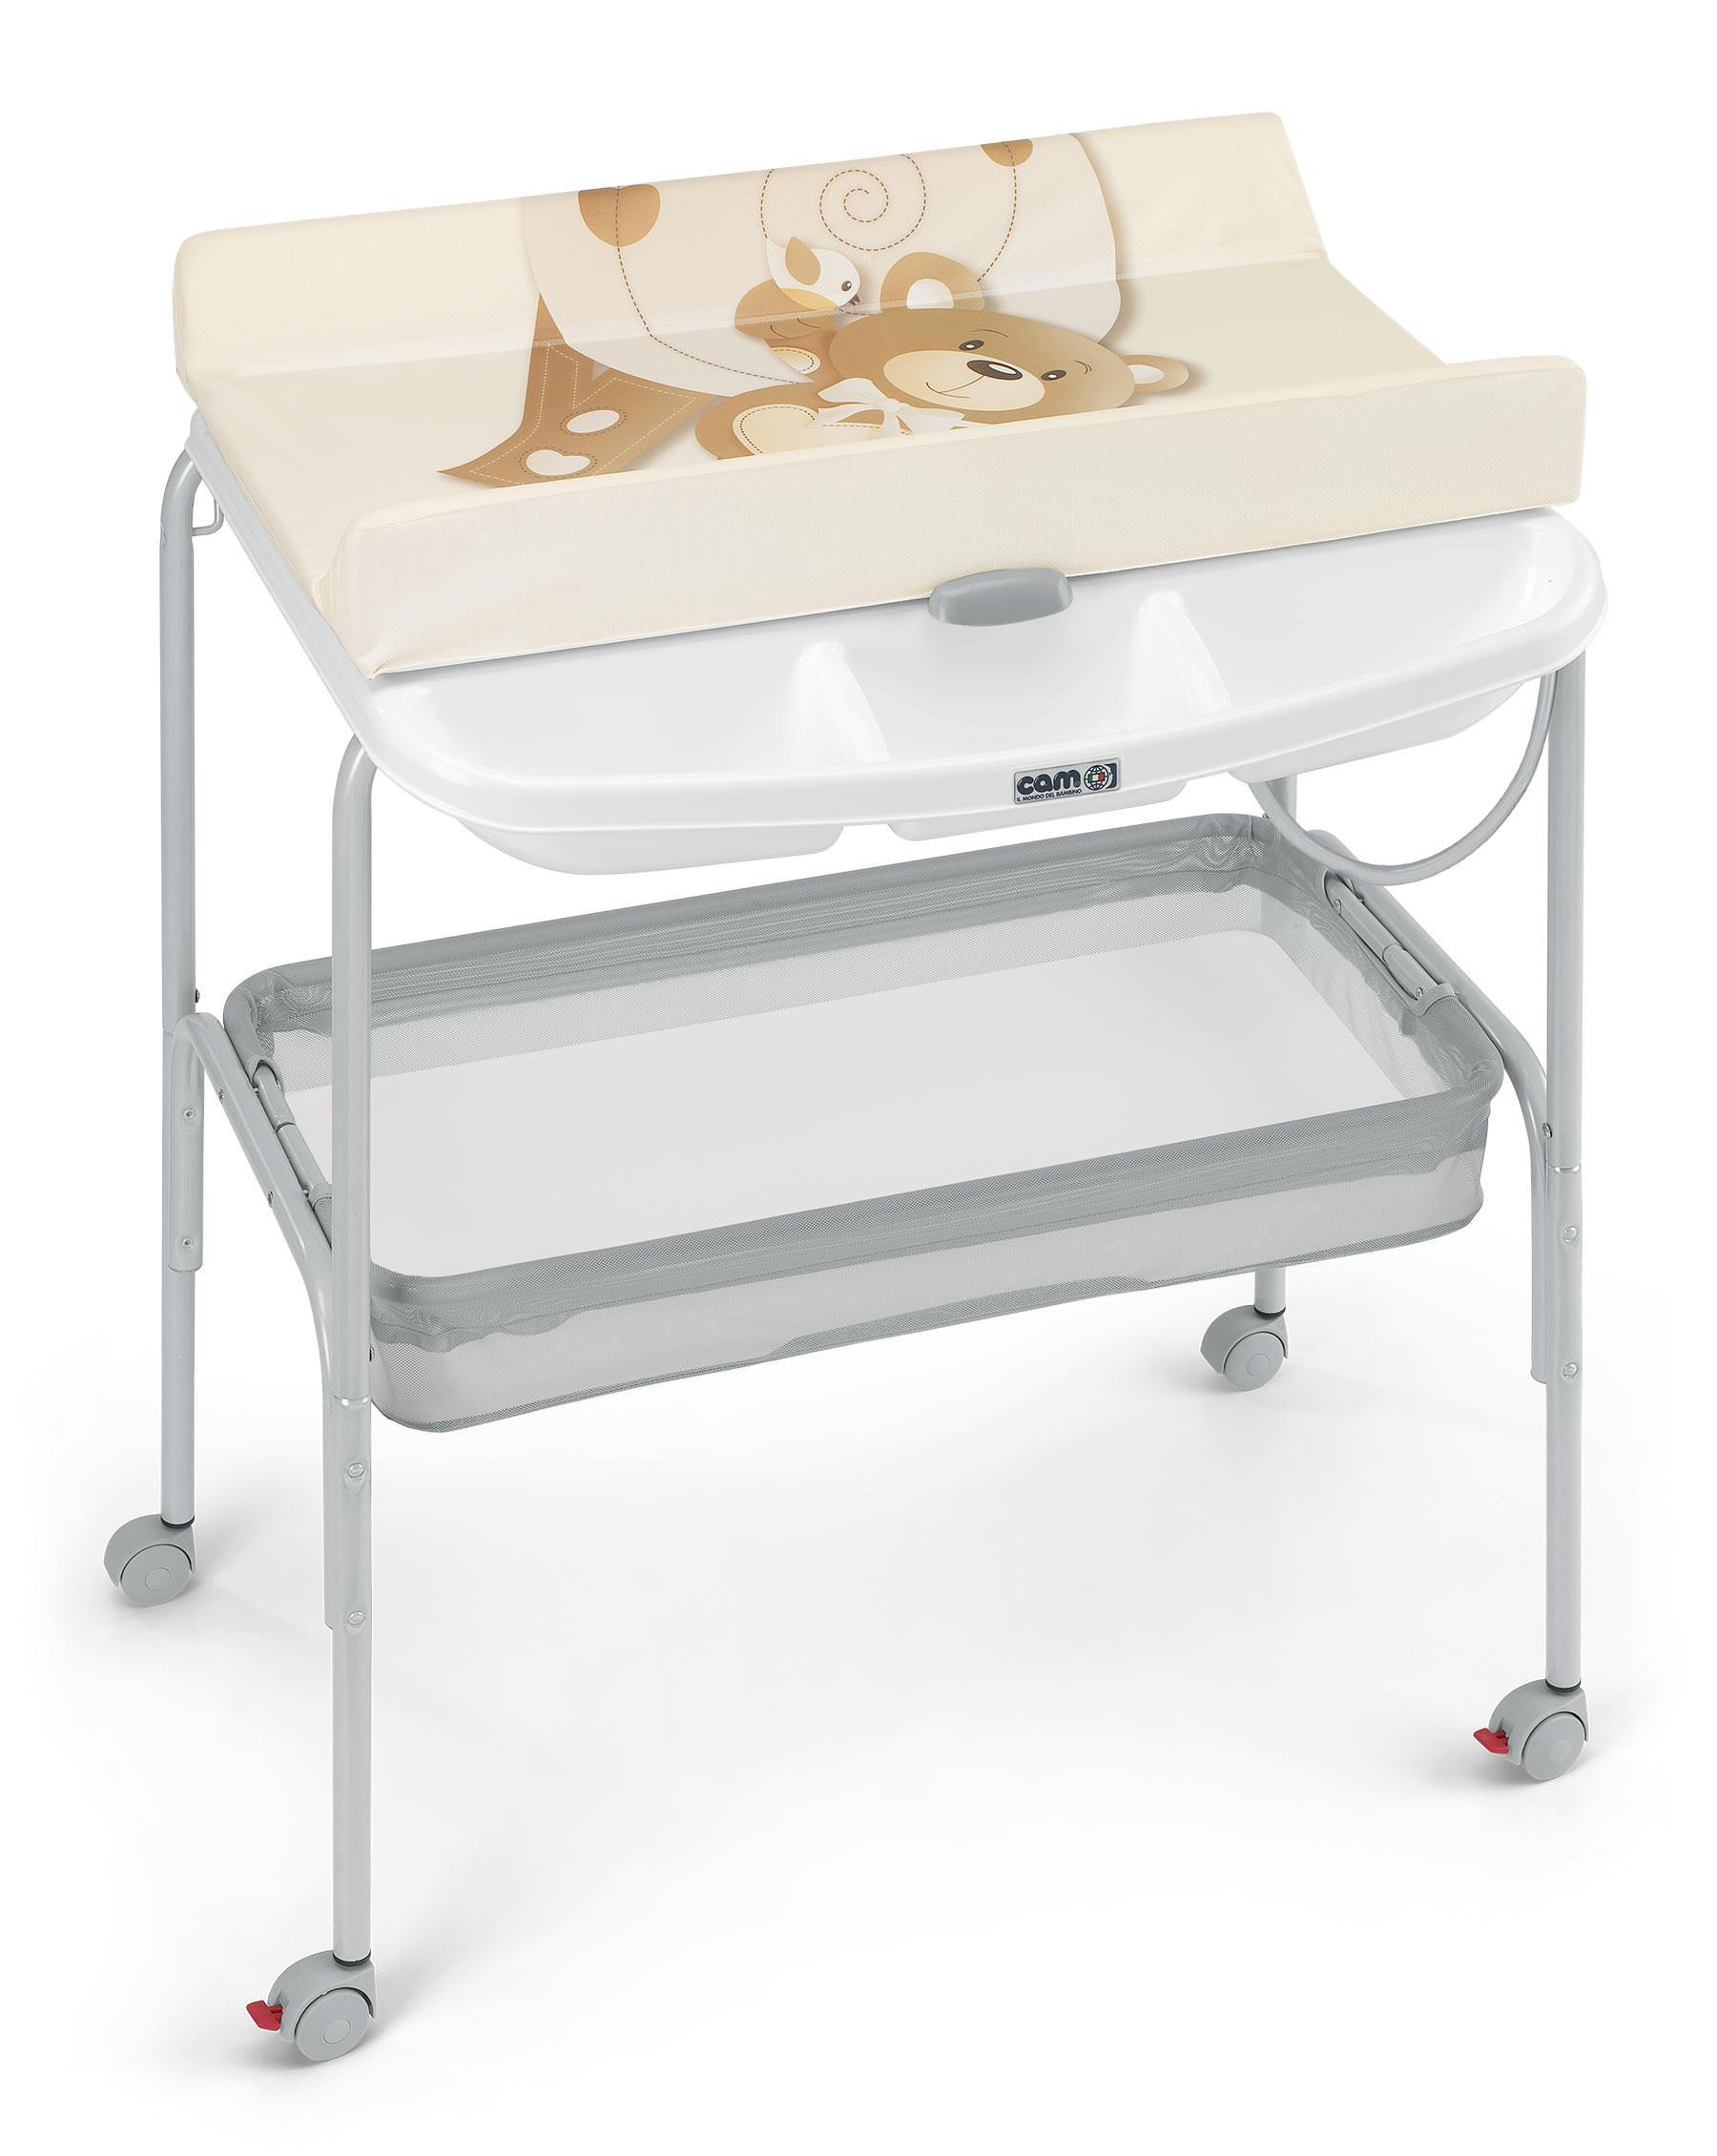 cam il mondo del bambino c605001 ulise fasciatoio con vaschetta